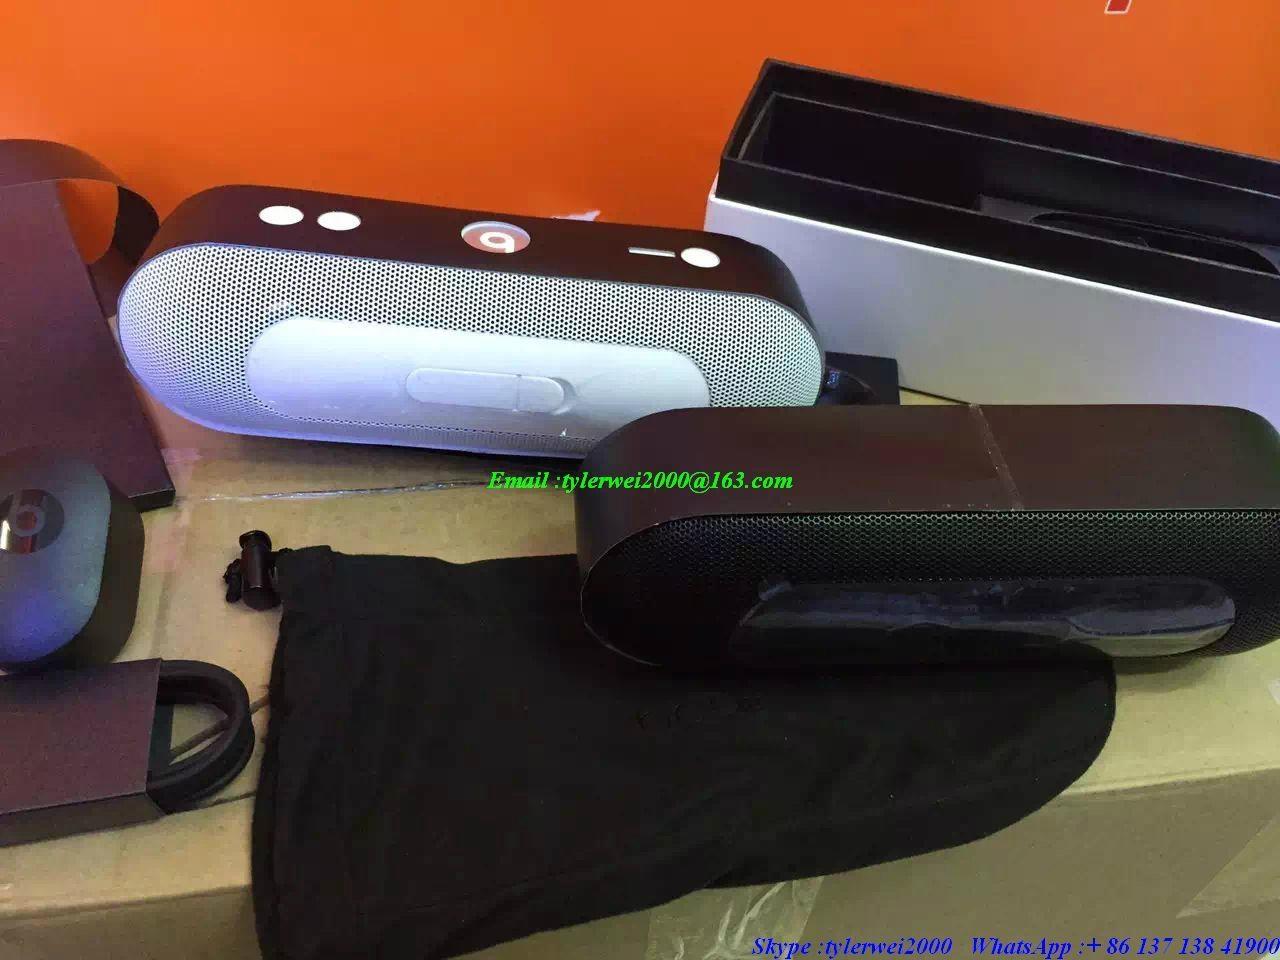 Beats Pill+ Wireless Bluetooth Speaker Beats by dr.dre Portable Wireless Speaker 10